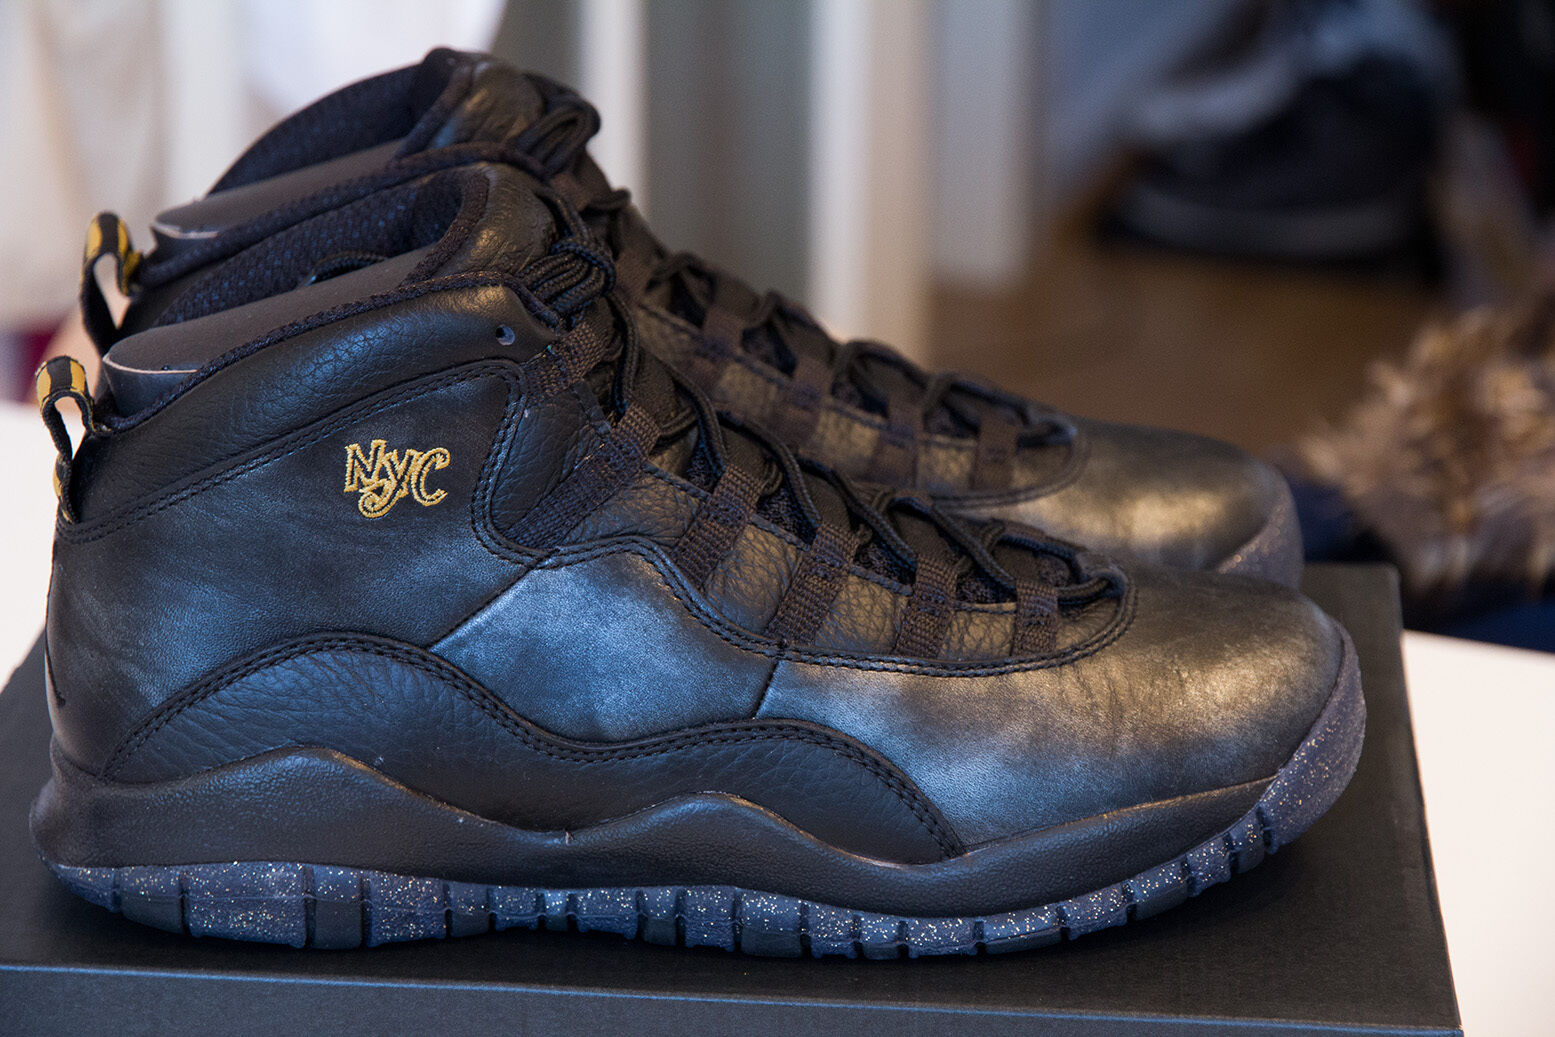 Nike Air Jordan Jordan Jordan 10 x NYC no ovo 7y 40 GS negro oro b8180a